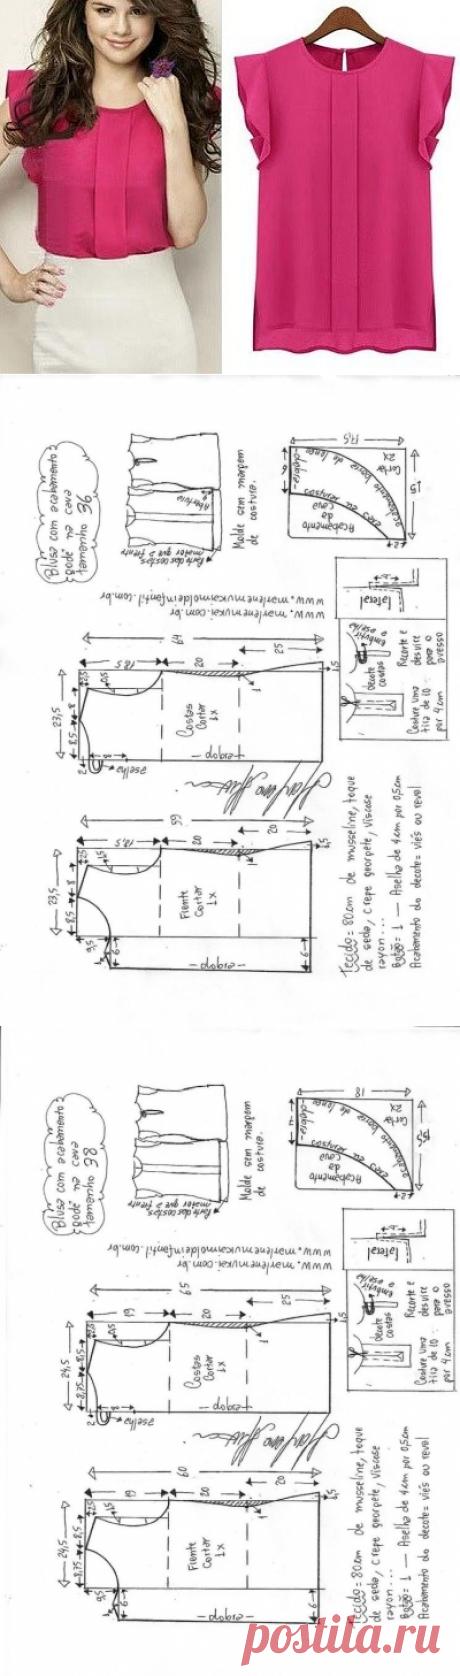 Выкройка красивой офисной блузки на размеры евро от 36 до 56 (Шитье и крой) – Журнал Вдохновение Рукодельницы